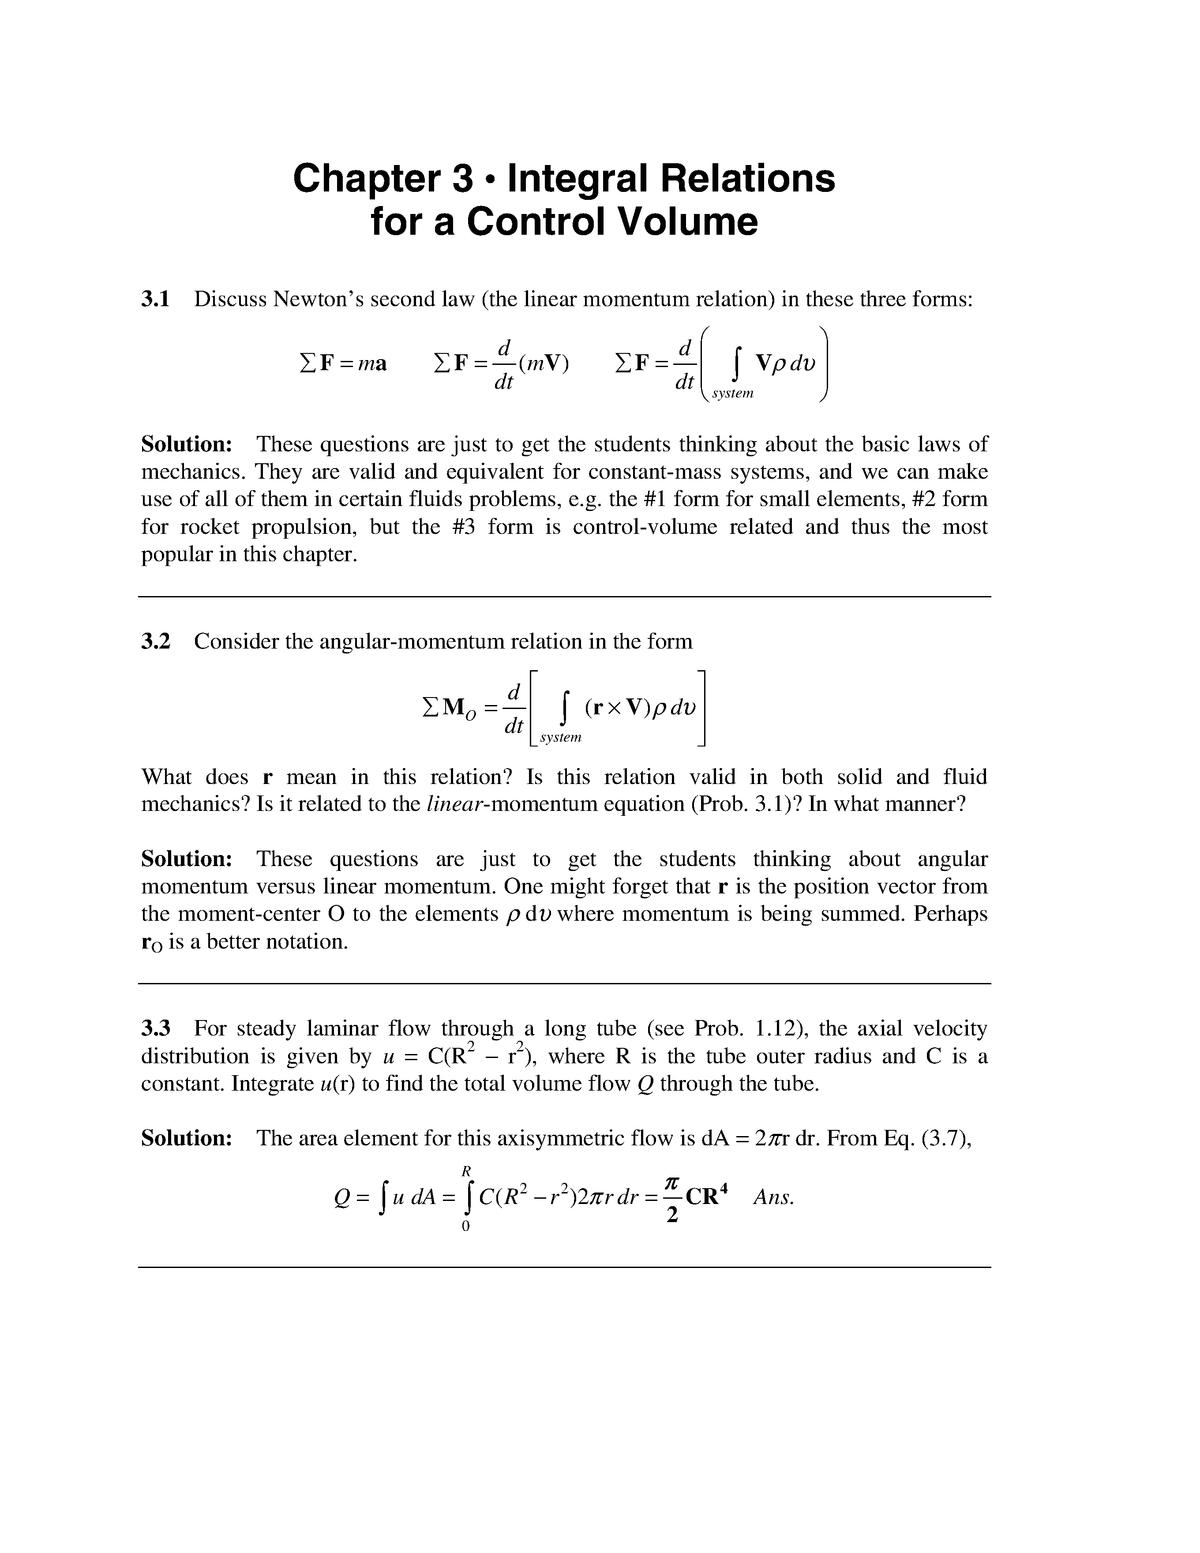 Solution Manual Fluid Mechanics White 5th CH 3 Part A - StuDocu